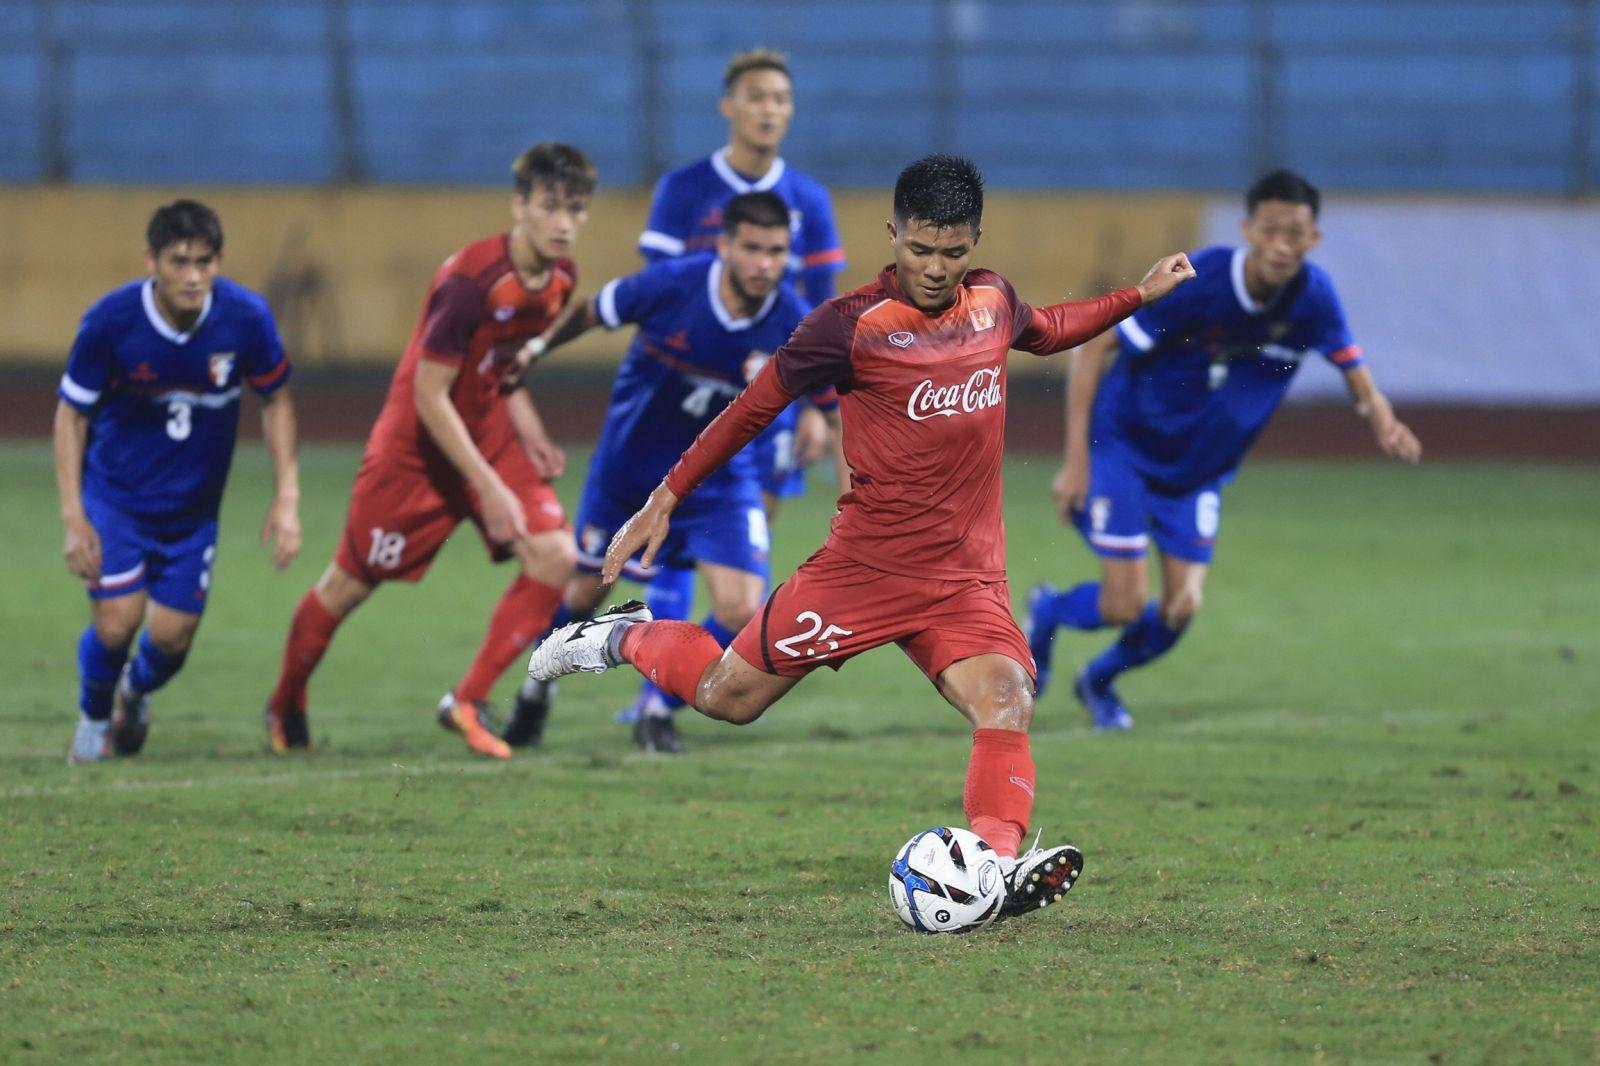 HLV Park Hang-seo đưa ra bản danh sách rút gọn đợt 1 của Đội tuyển U23 Việt Nam tham dự vòng loại U23 châu Á